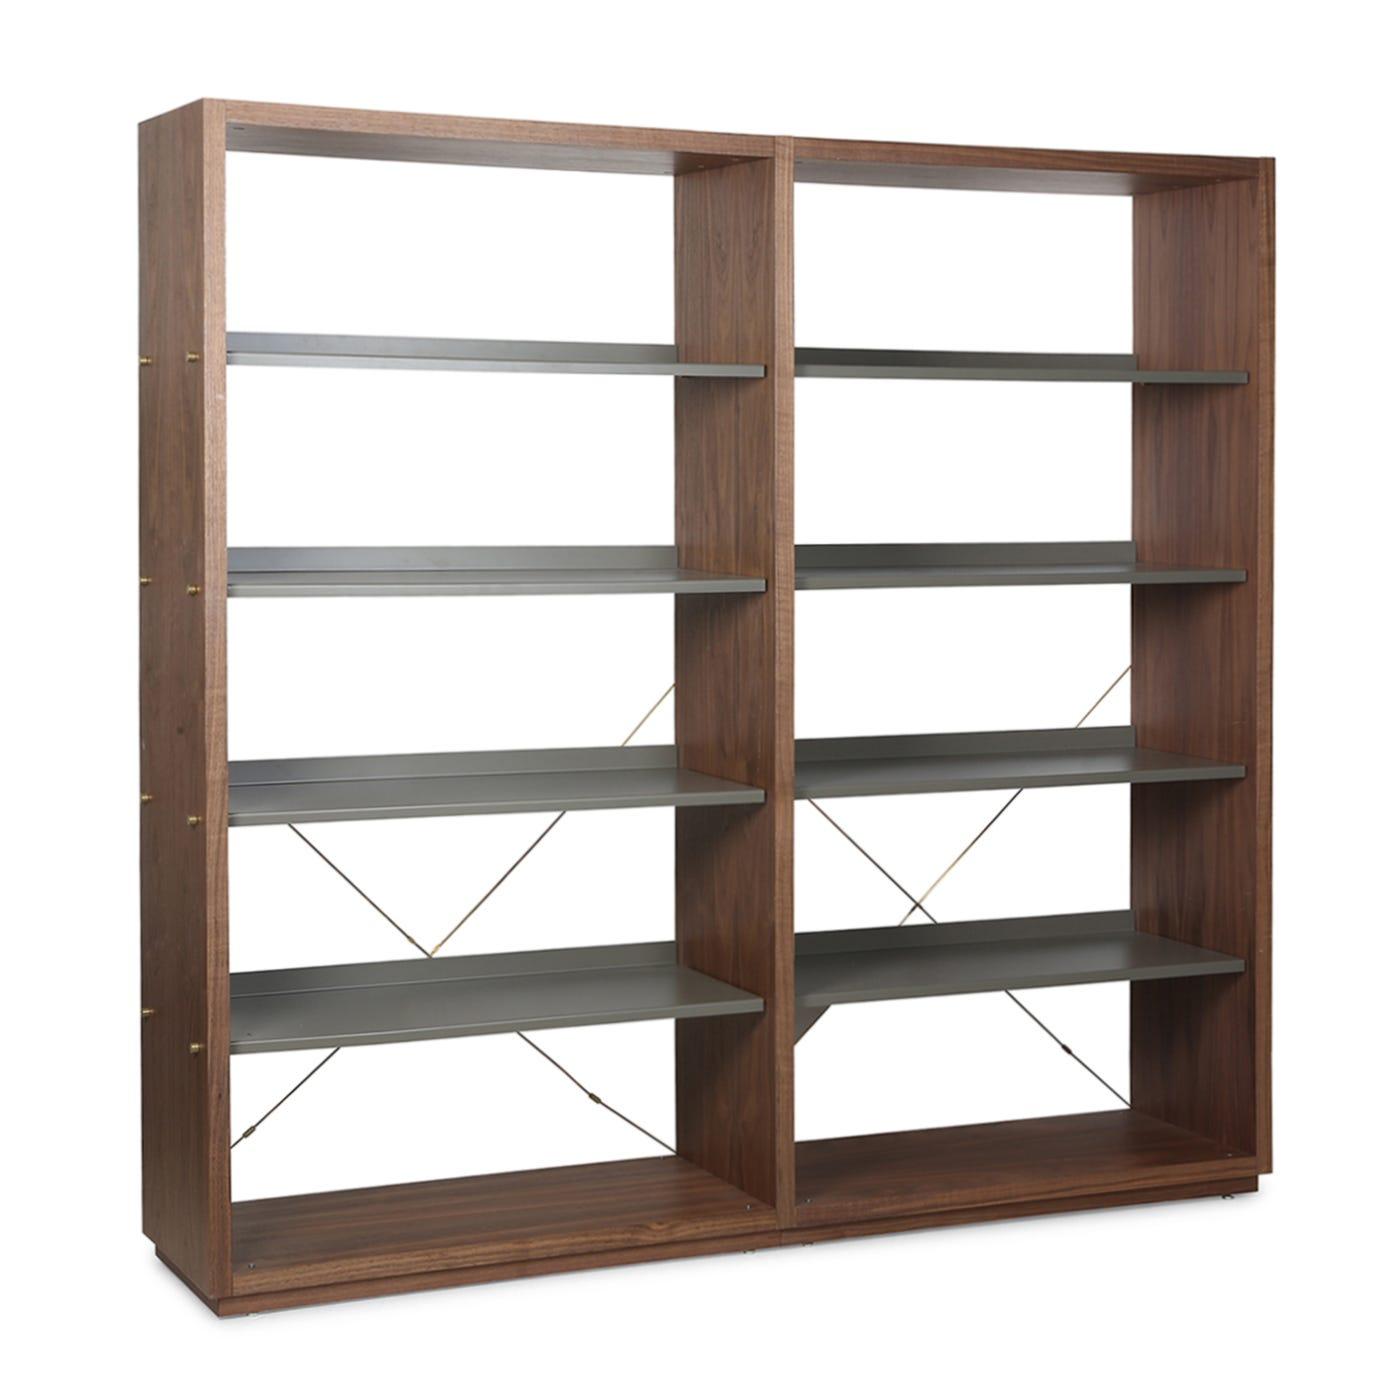 D3 Bookcase Walnut Grey Shelves Add On Add On Unit